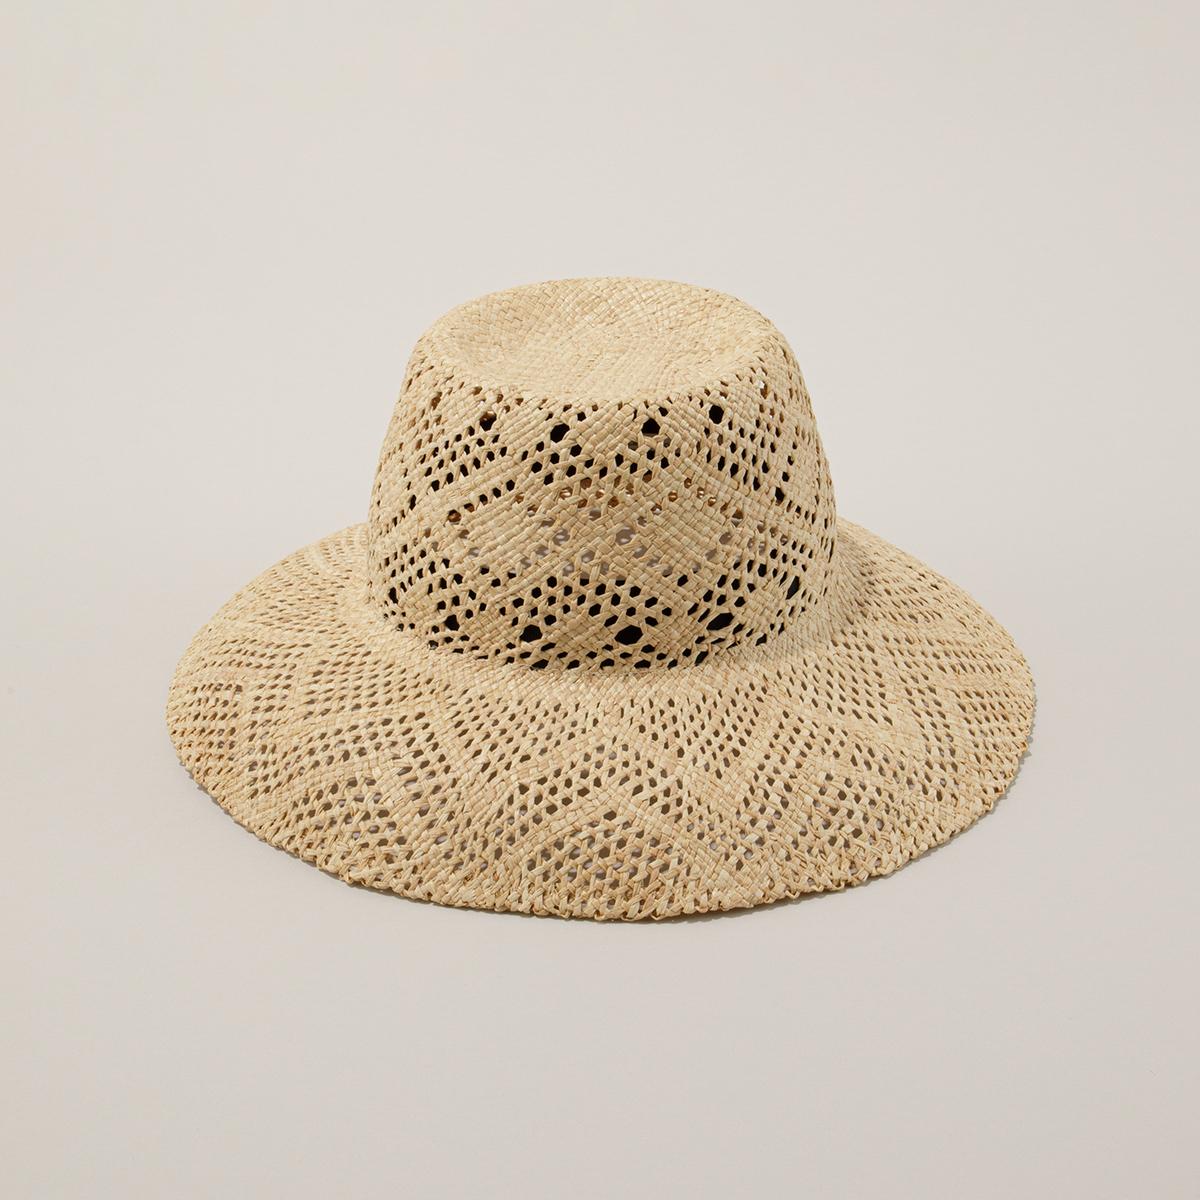 ラフィア帽がもたらすユーティリティー【メゾンドリリス】